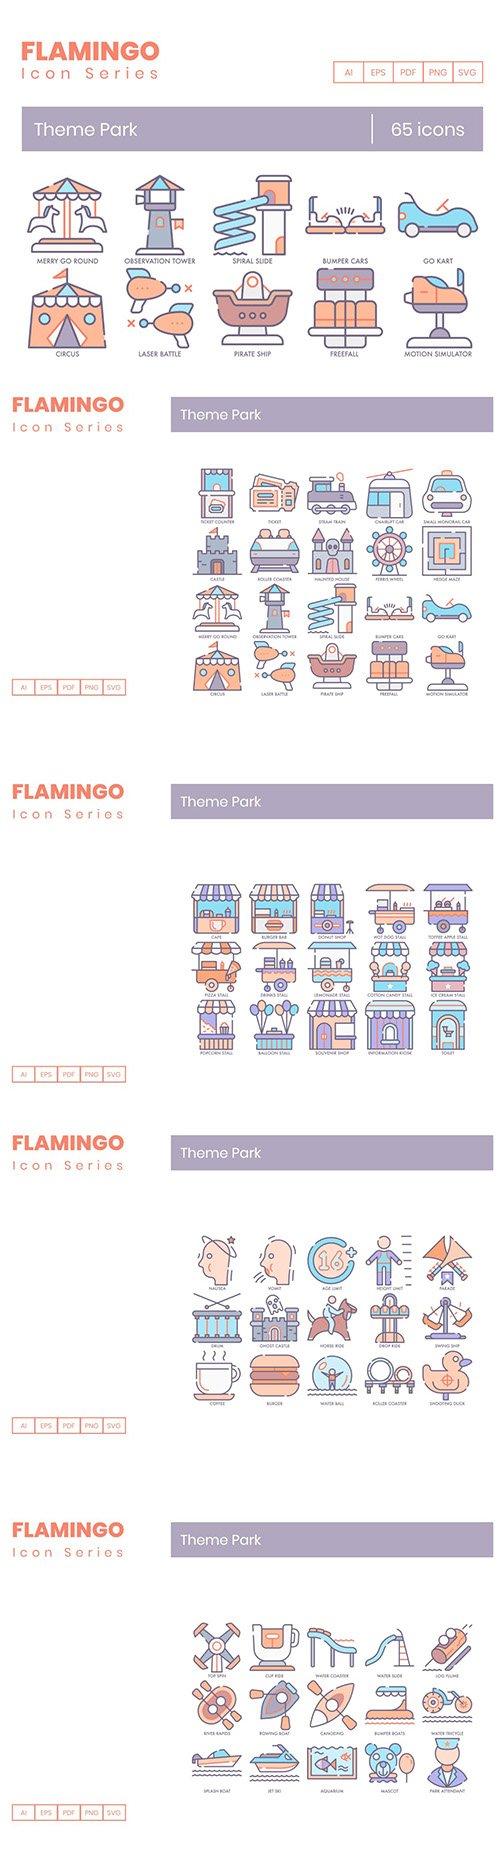 65 Theme Park Icons | Flamingo Series